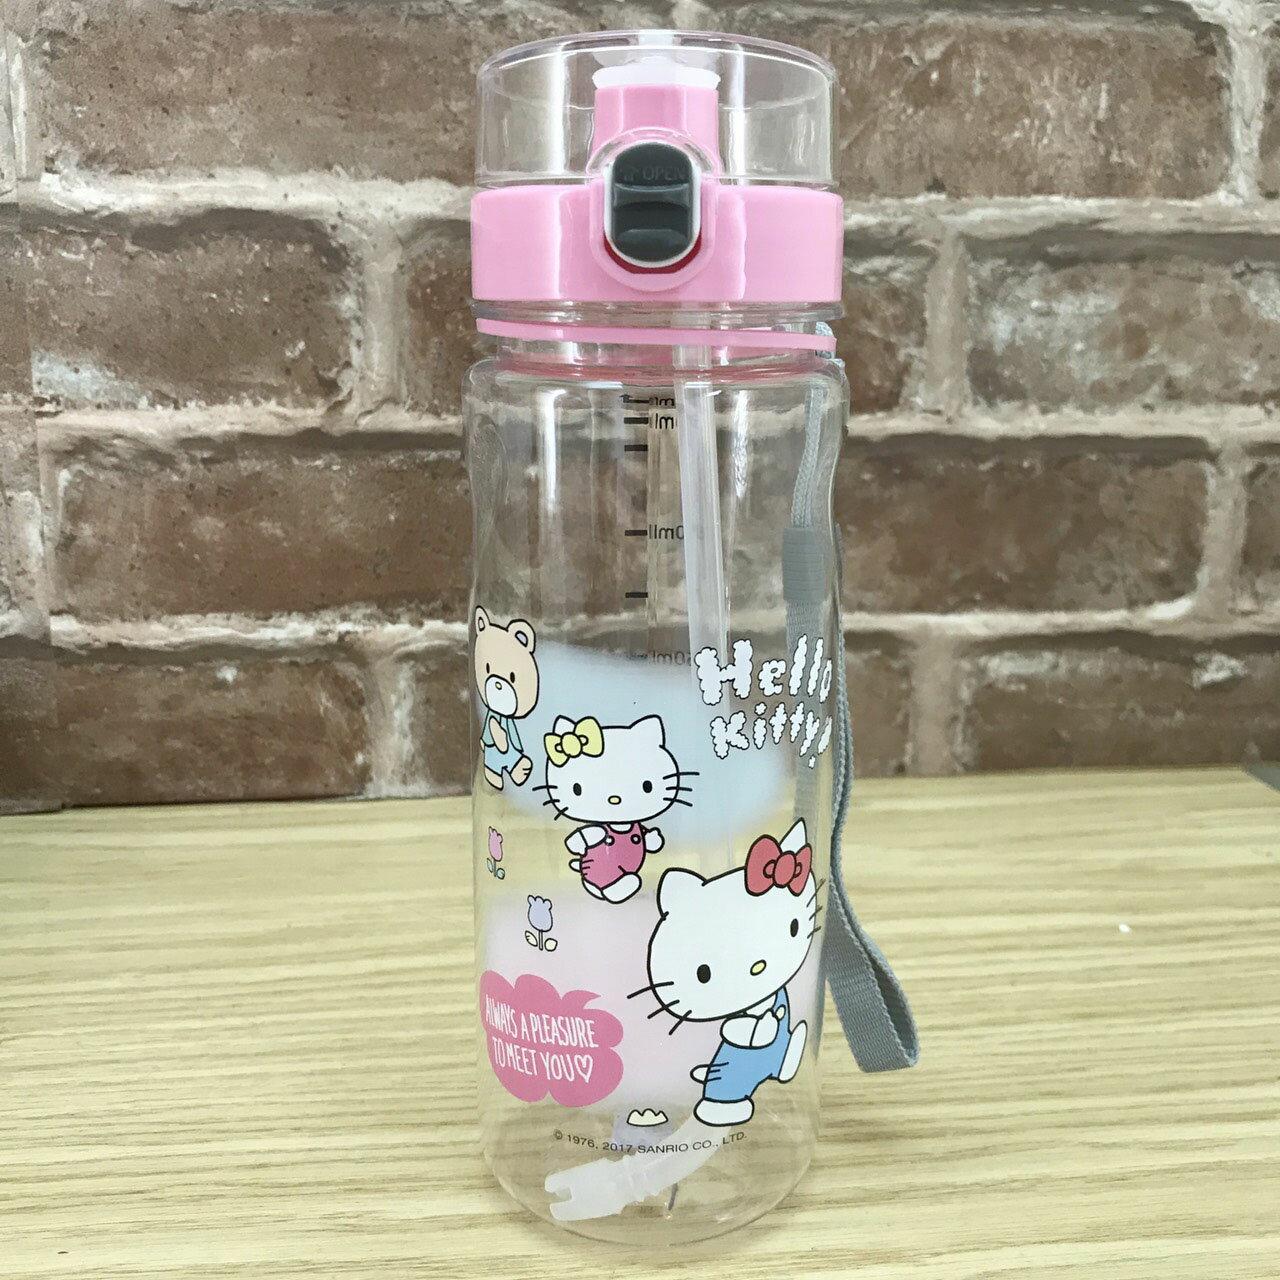 【真愛日本】17111600042 運動水壺附吸管-KT朋友粉 三麗鷗 kitty 凱蒂貓 透明吸管水壺 水瓶 日用品